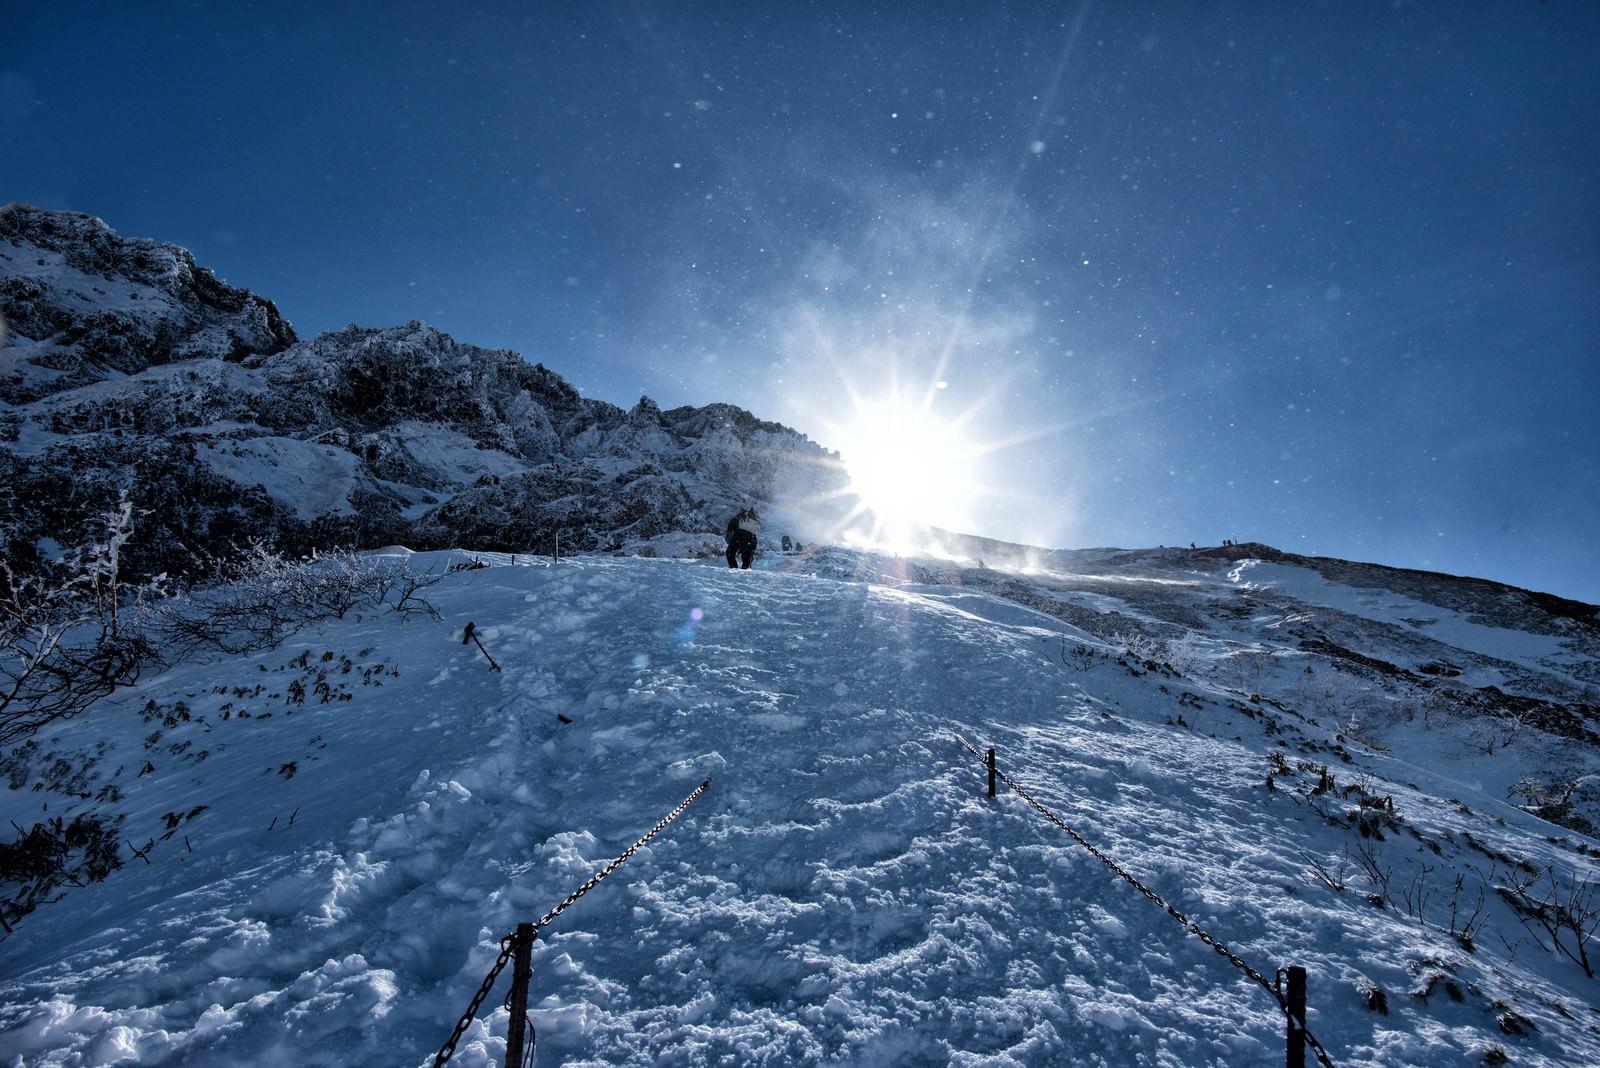 「雪煙舞う稜線」の写真